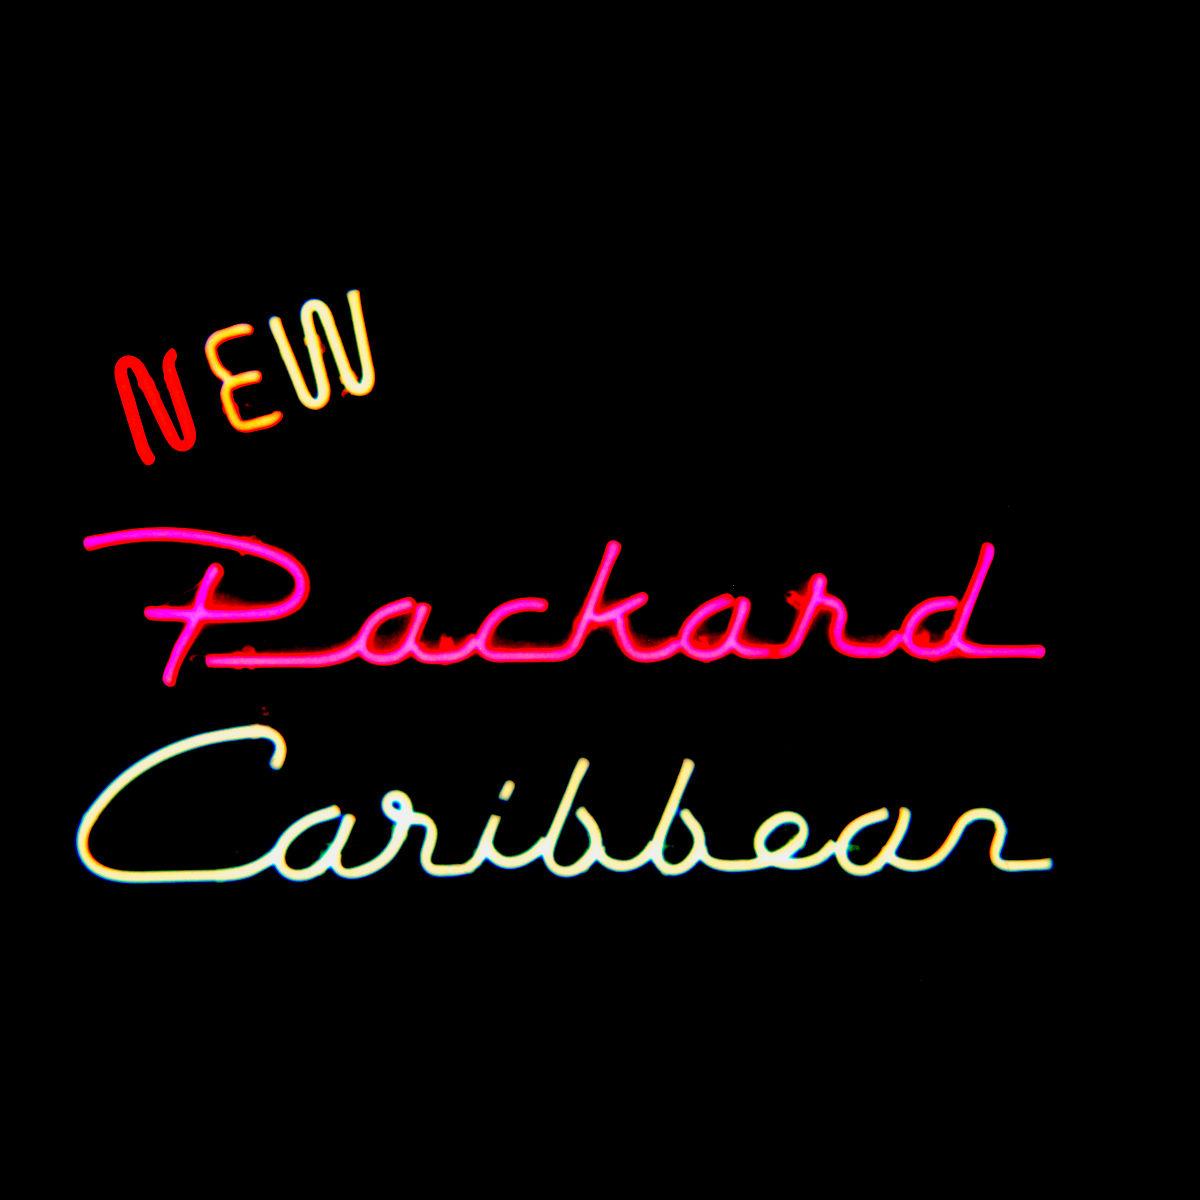 resized New Packard Caribbean.jpg